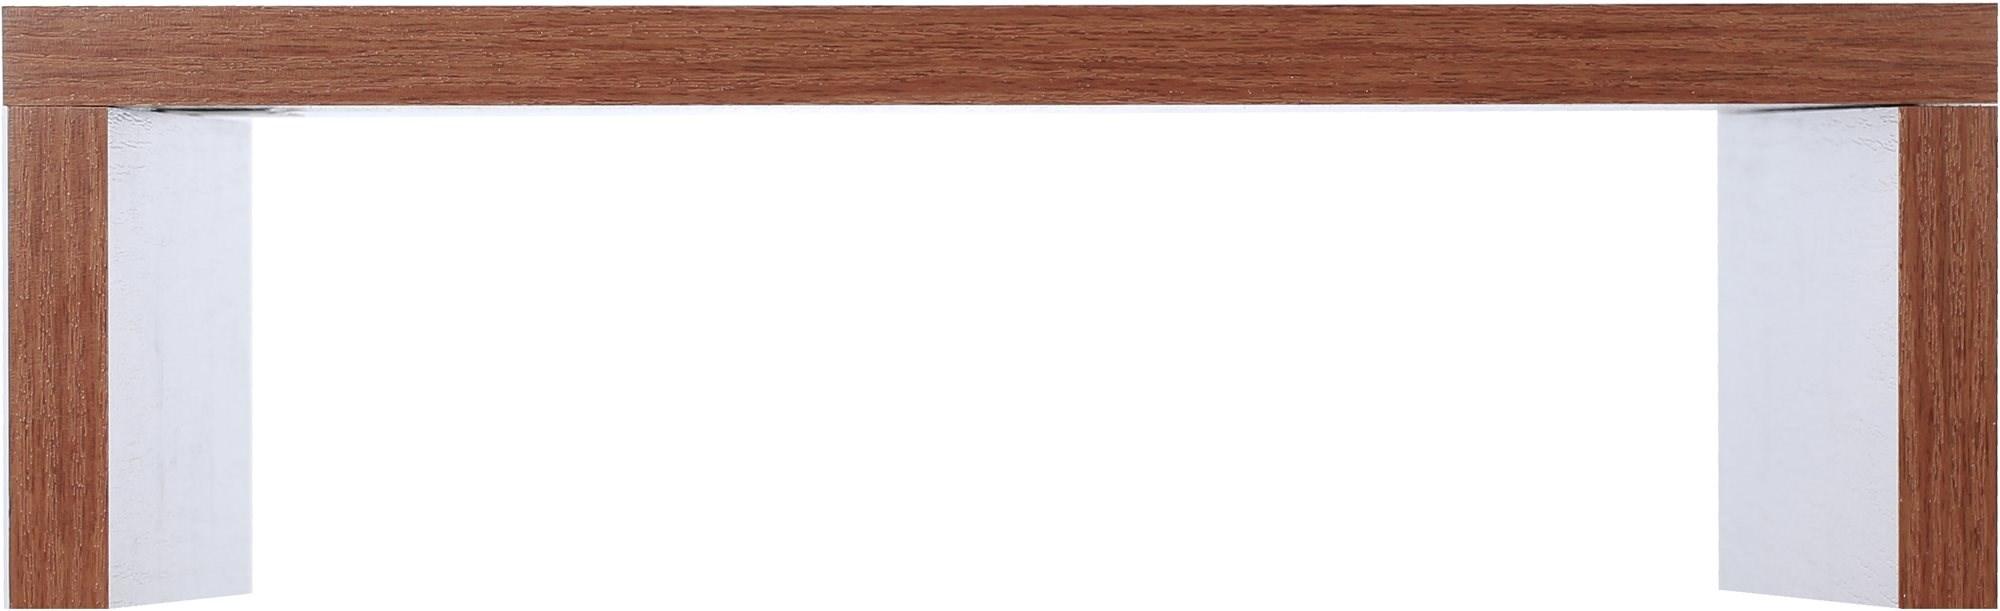 Monitor alátét 10-es méret guarnieri walnut - Állvány